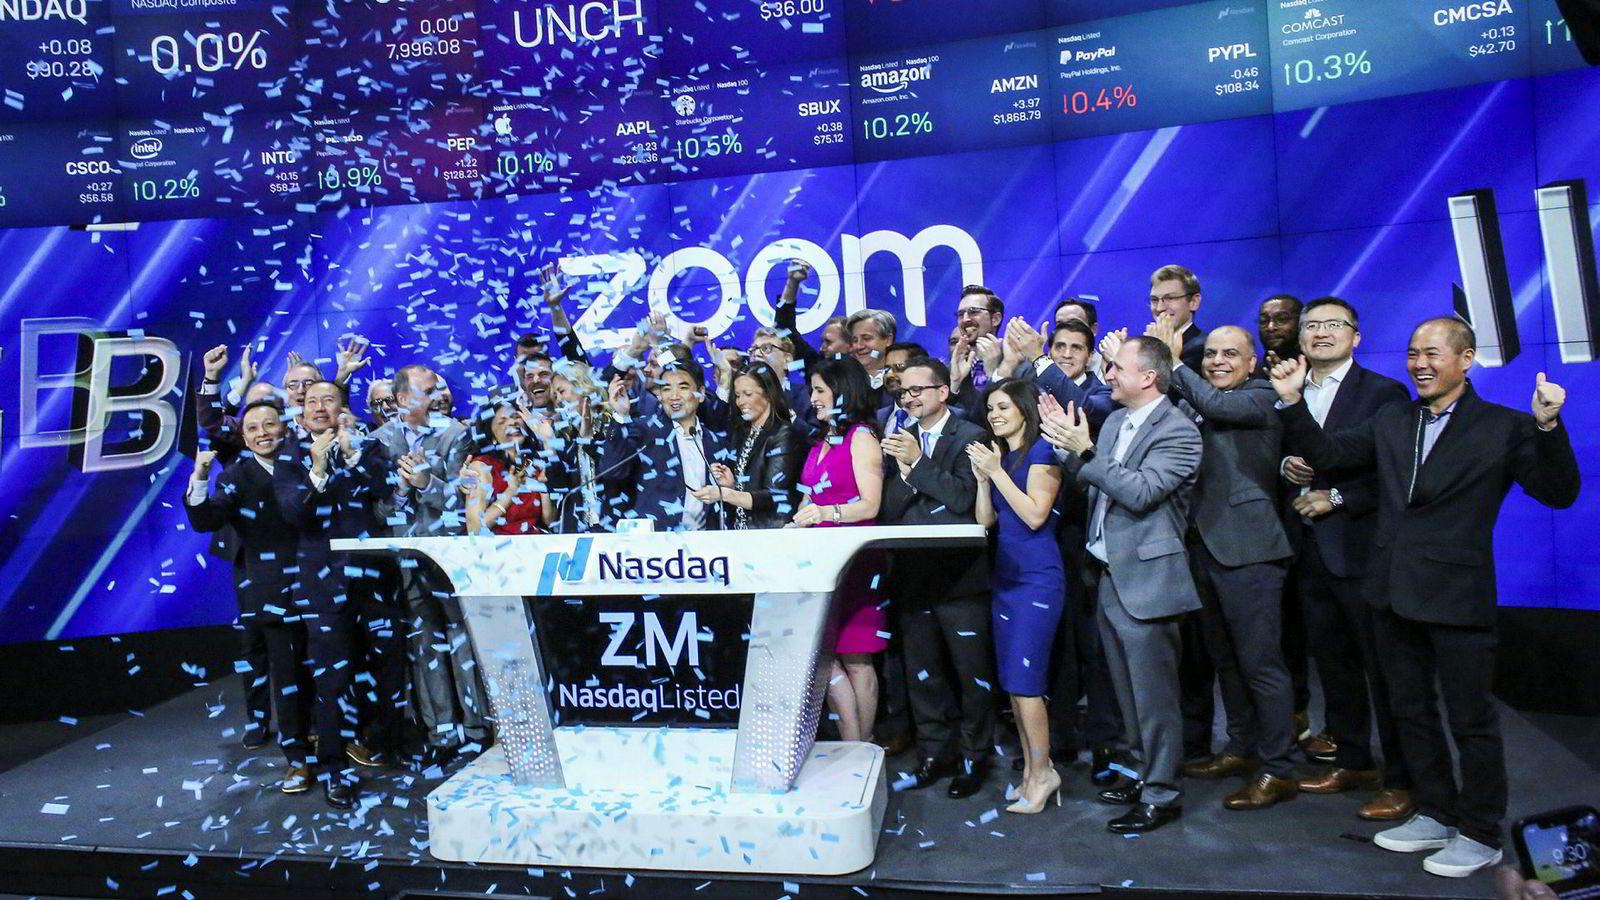 Videoselskapet Zoom ble børsnotert på Nasdaq 18. april. Selskapet har opplevd en voldsom viralvekst for sine betalte produkter, skrive Are Traasdahl.